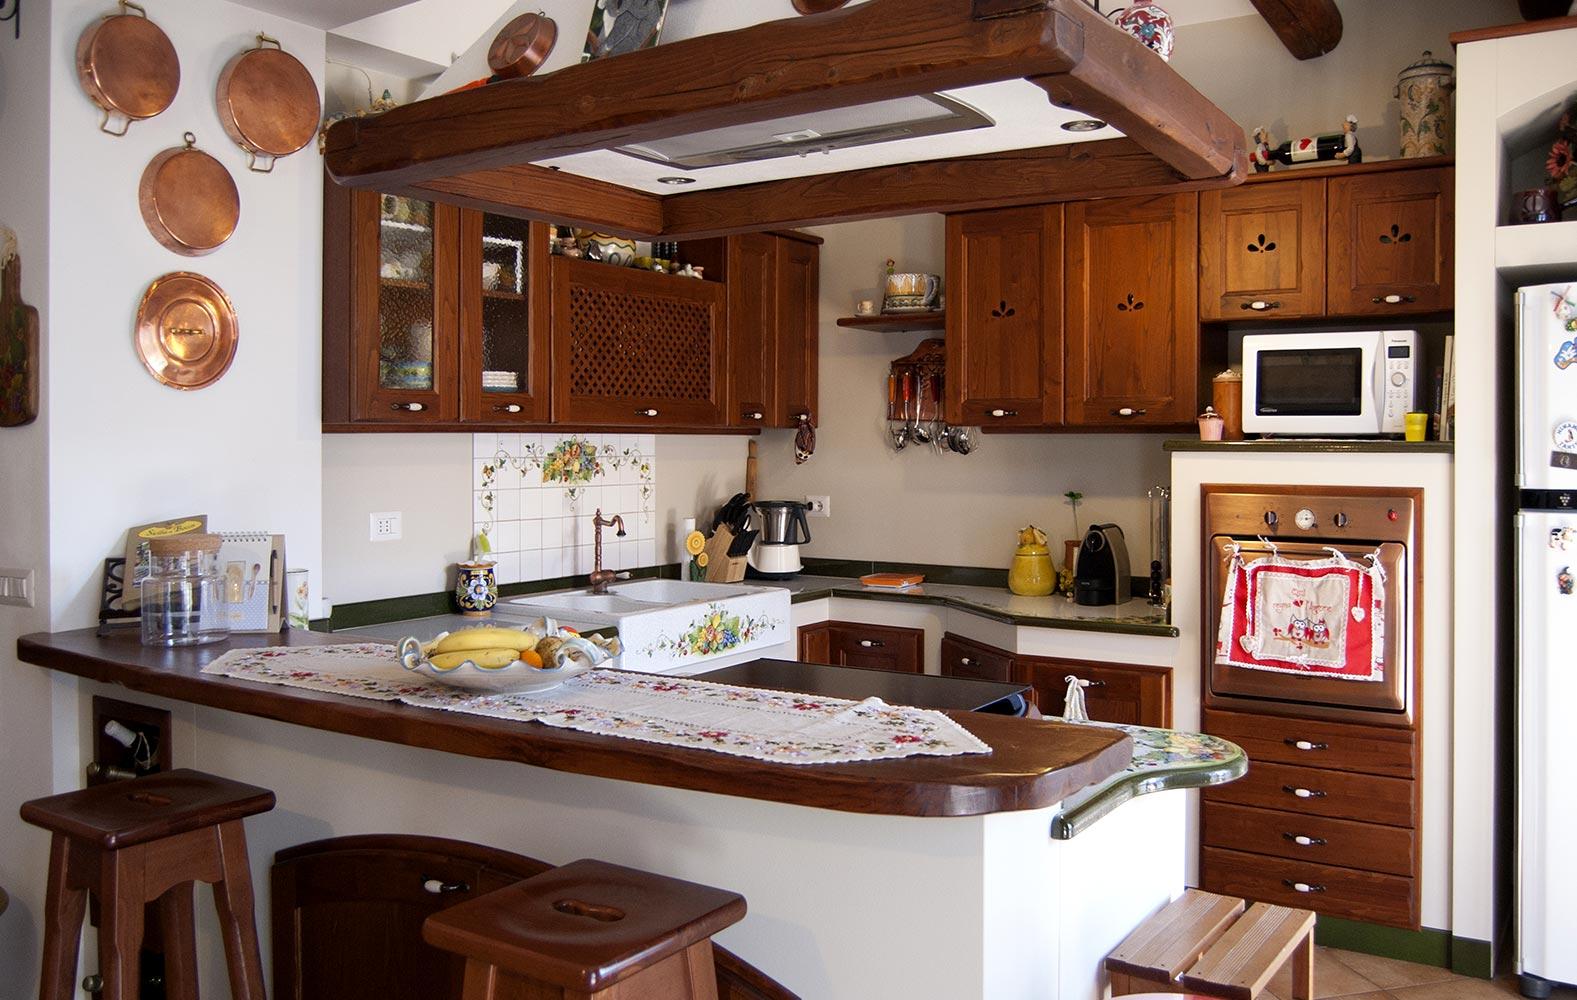 Cucine moderne ecologiche in muratura smontabile modello giarre - Arte sole cucine ...